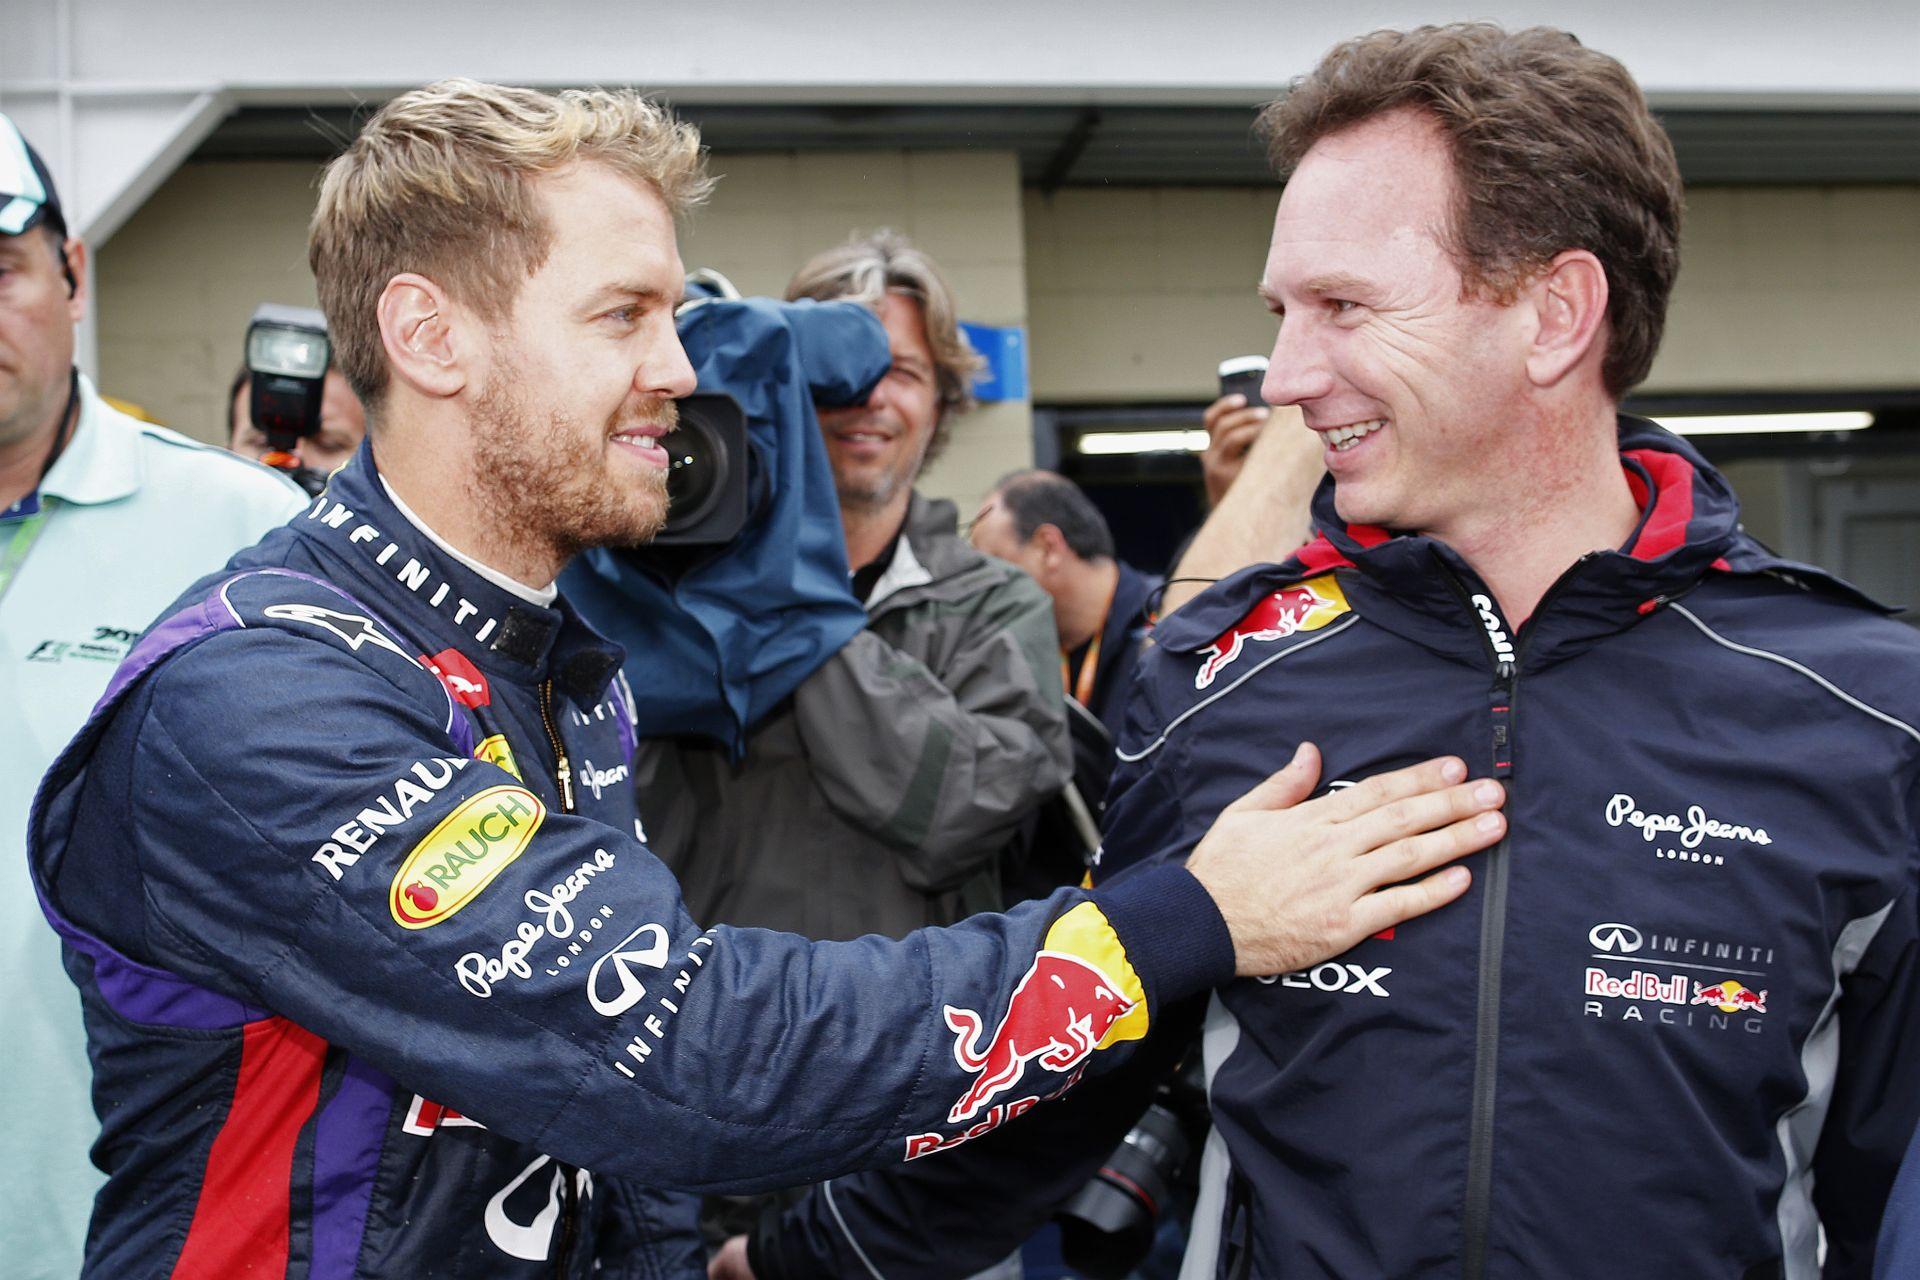 Röviden: Vettel elsírta magát, amikor közölte a Red Bullal, hogy távozik